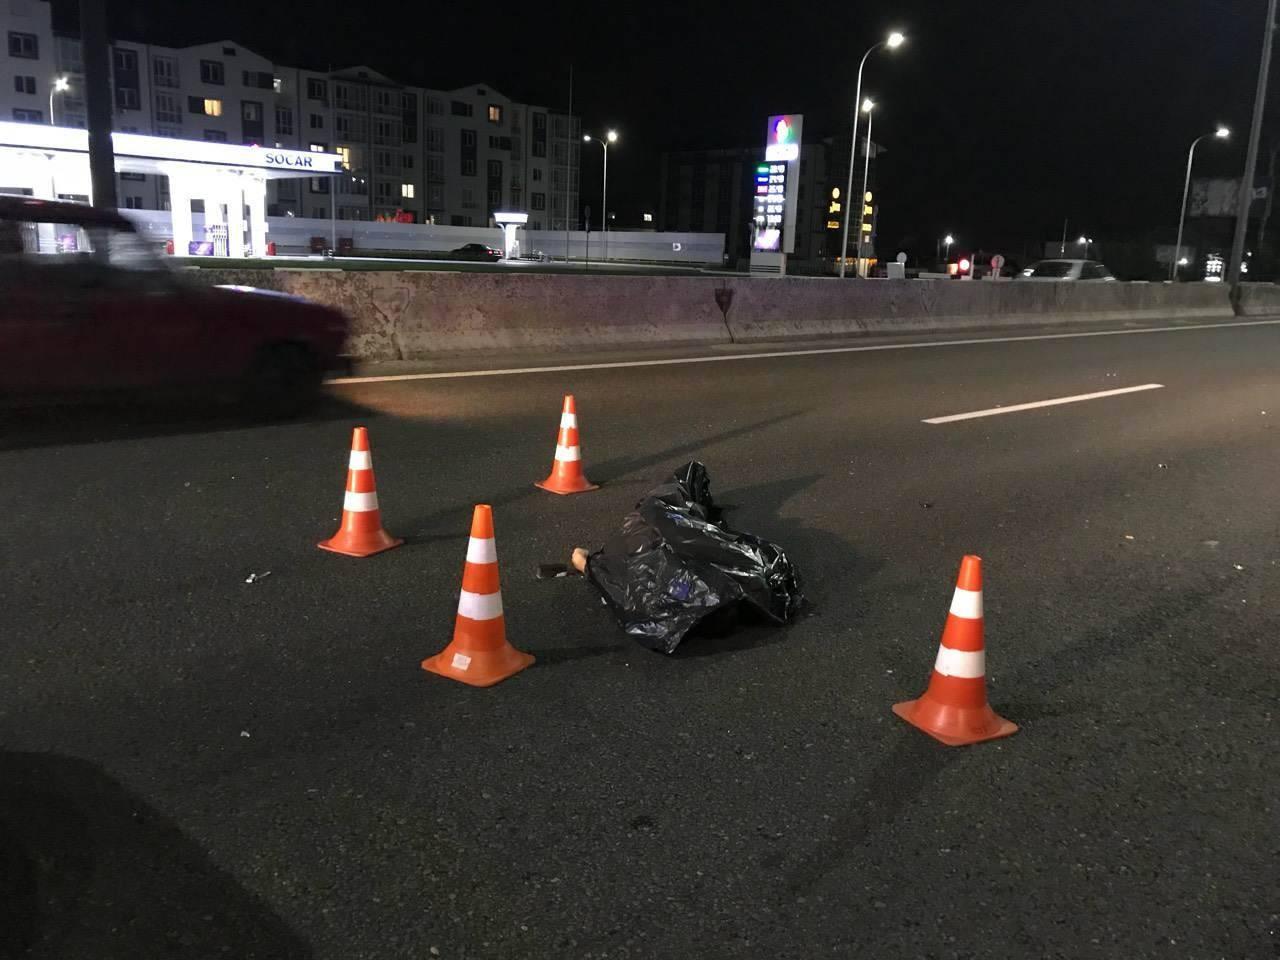 Смертельное ДТП: пешехода сбила легковушка и переехала фура